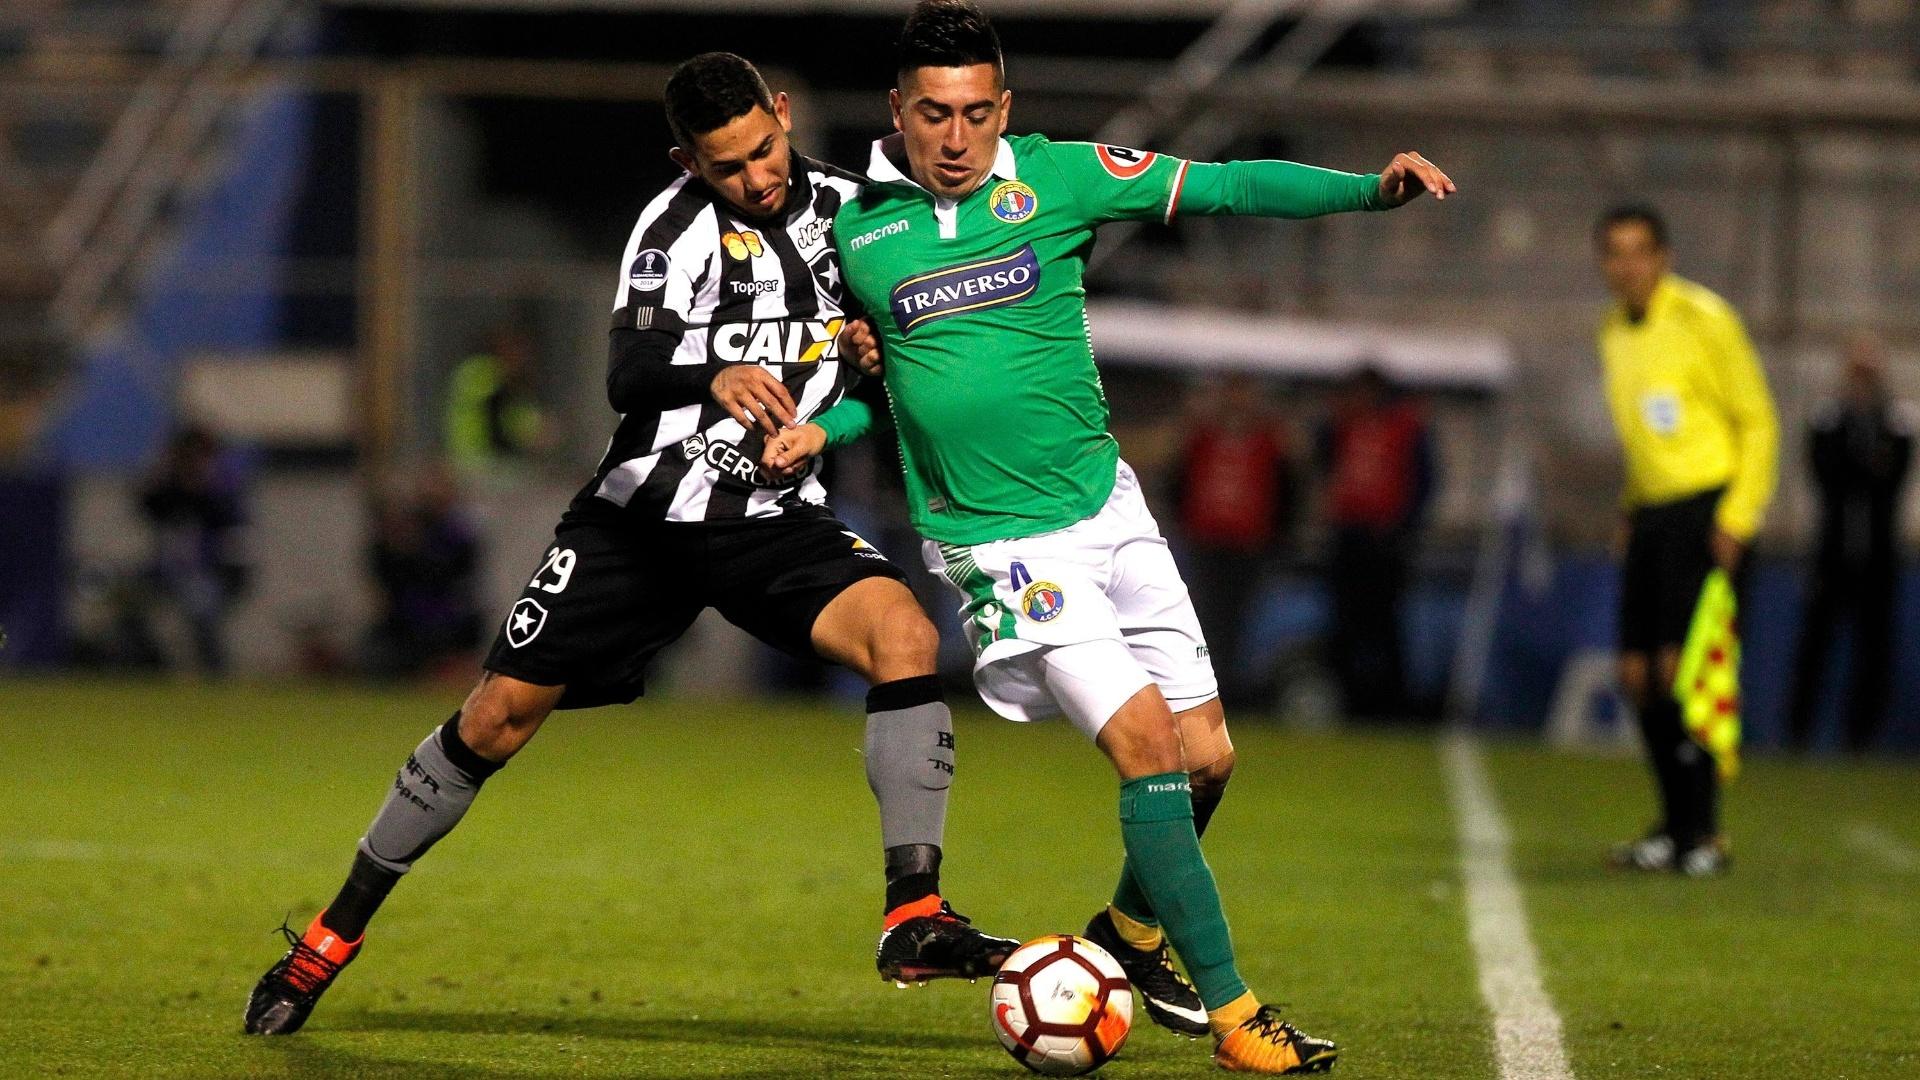 Leandro Carvalho e Osvaldo Bosso disputam a bola no jogo entre Audax Italiano e Botafogo